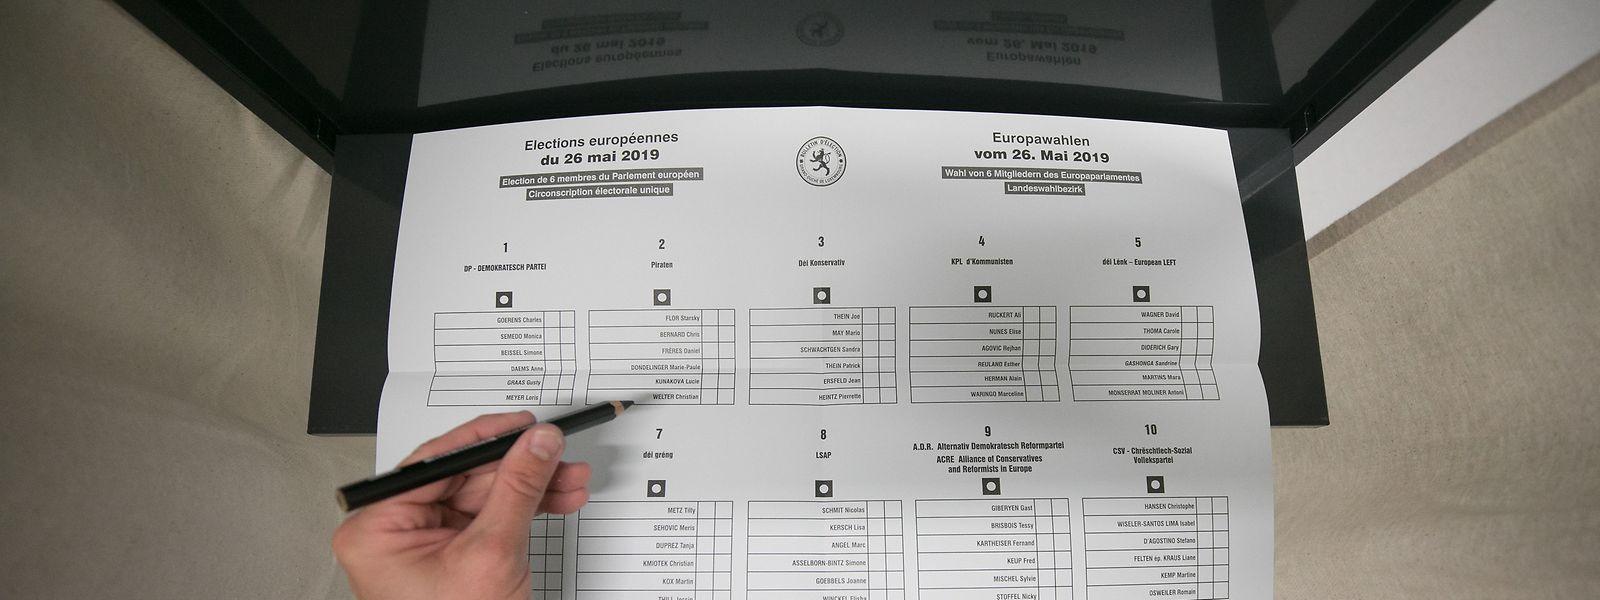 Die Uni Luxemburg hat festgestellt, dass sich das Wahlverhalten der Wähler in Luxemburg bei den Landeswahlen 2018 und den Europawahlen 2019 im Vergleich zu 2013 und 2014 stark verändert hat.